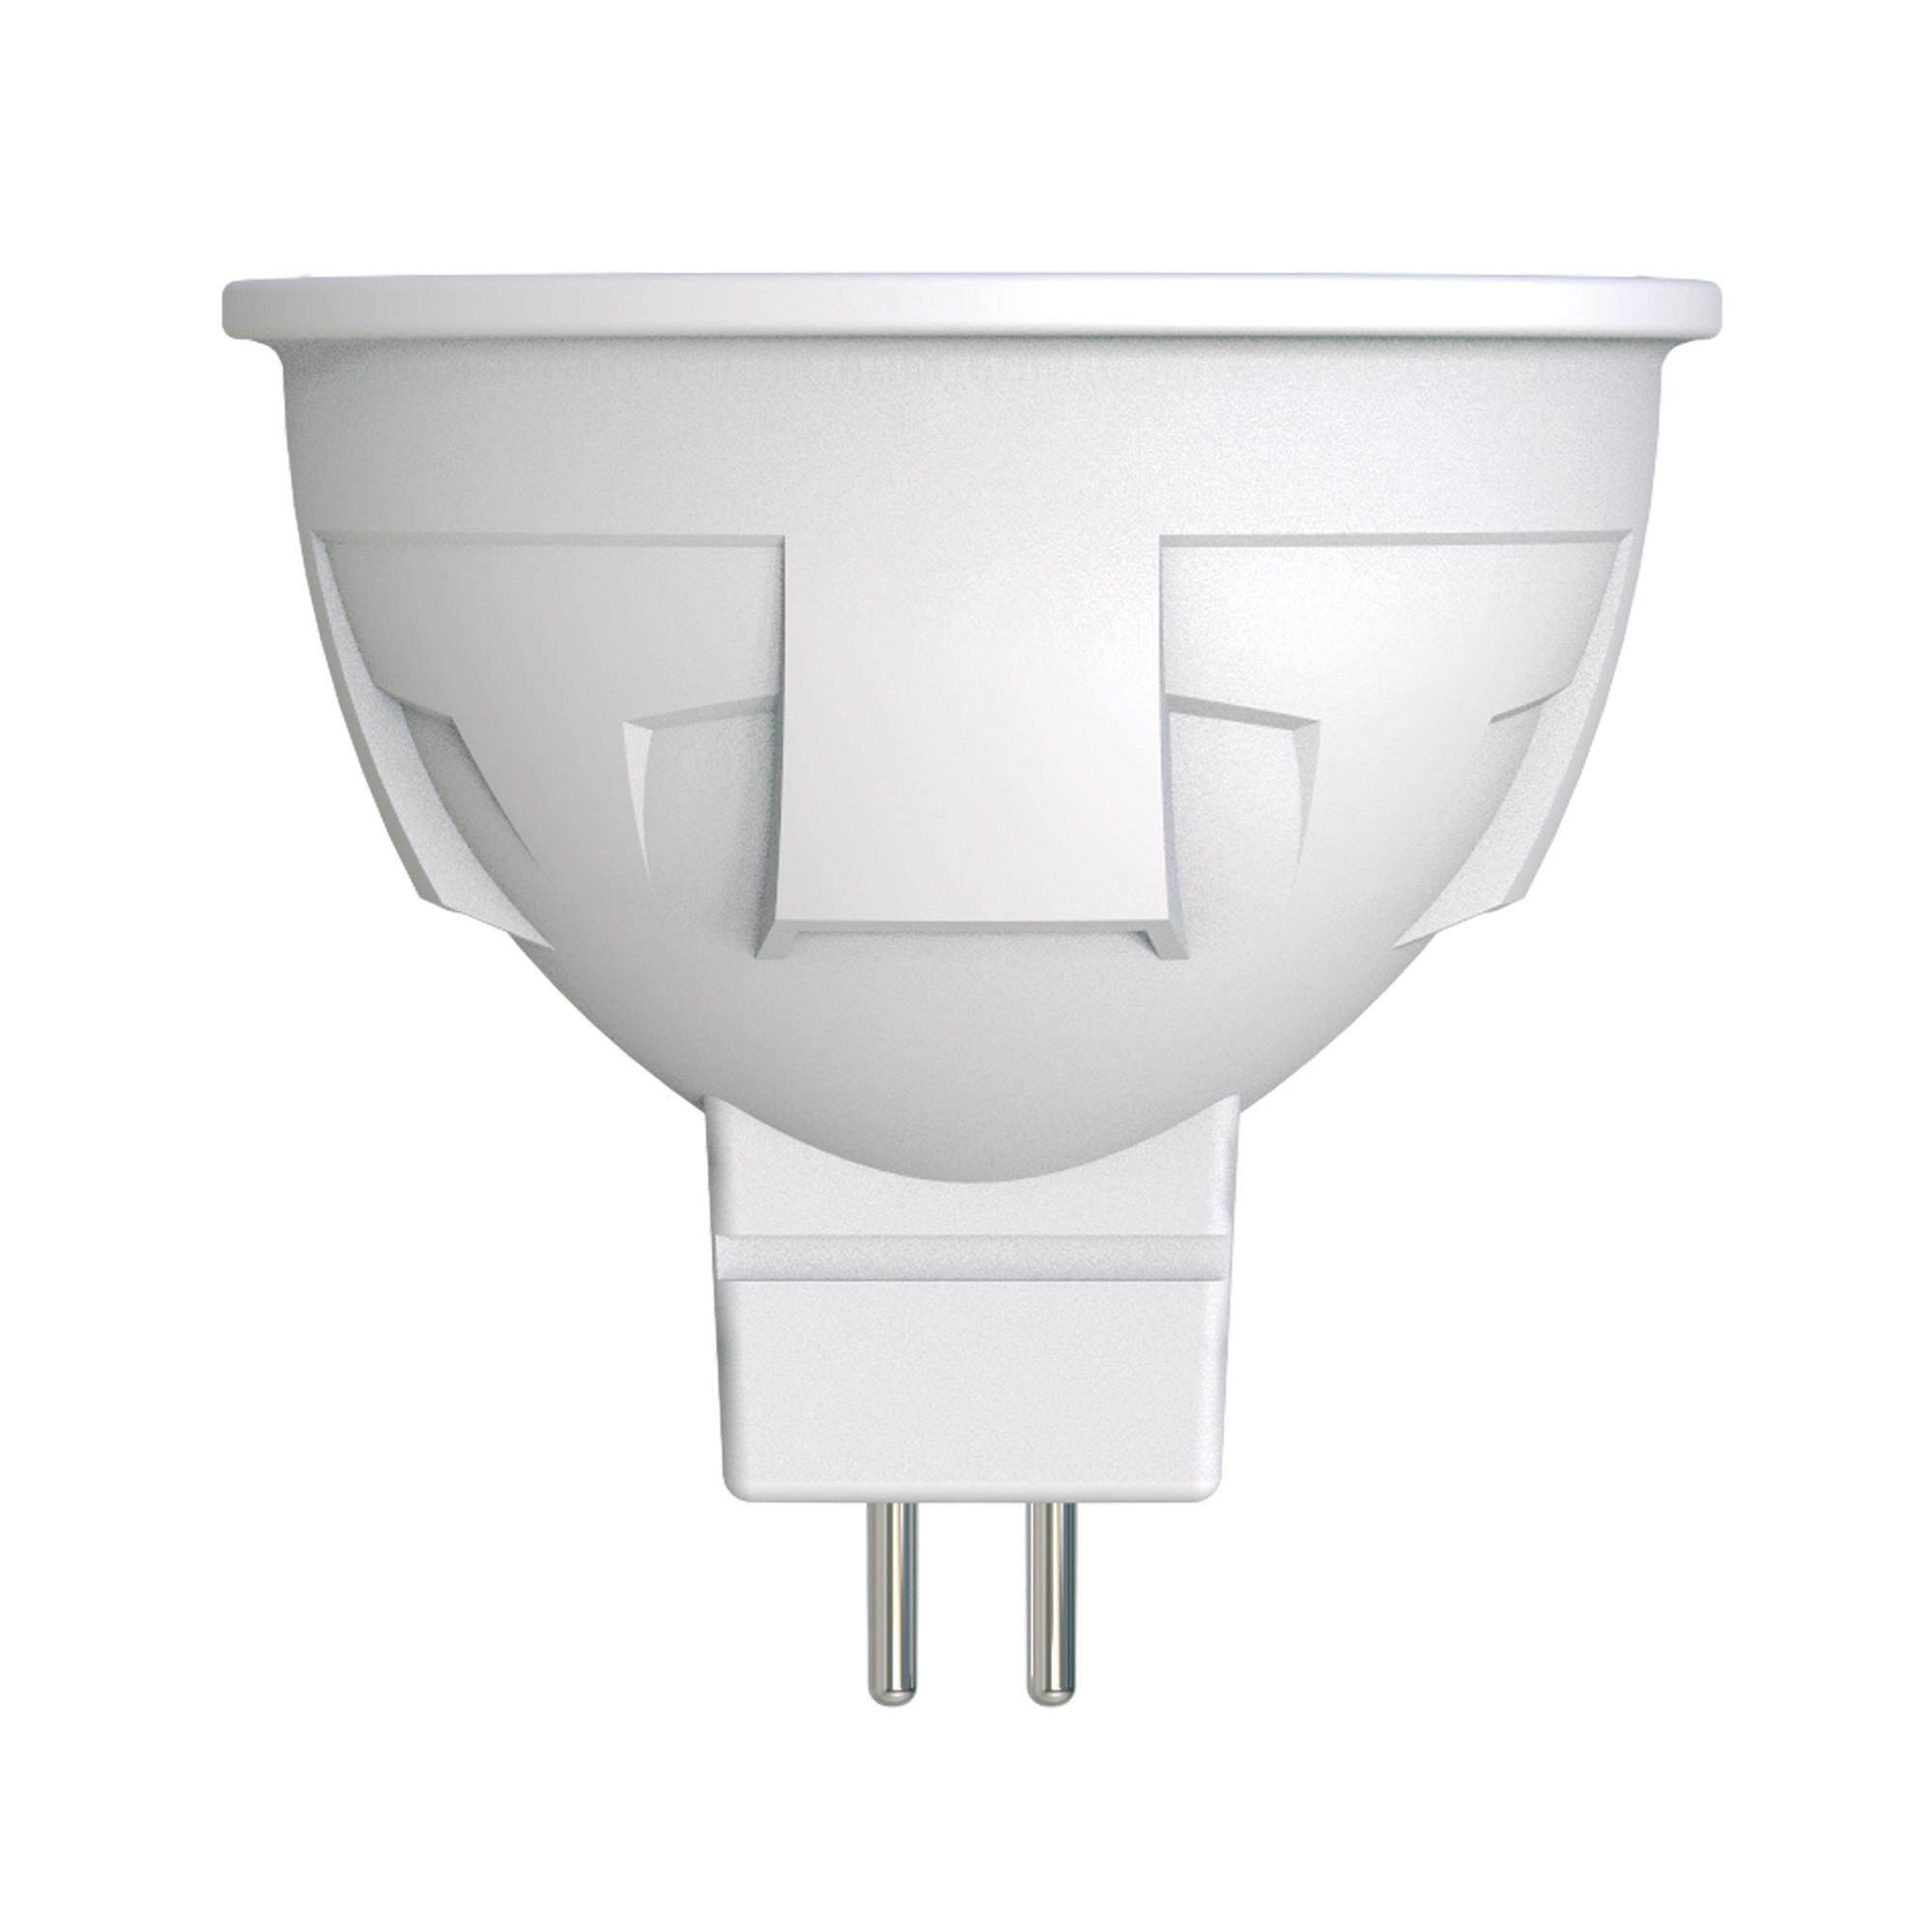 Лампа светодиодная «Яркая» GU5.3 220 В 6 Вт спот матовый 500 лм холодный белый свет для диммера